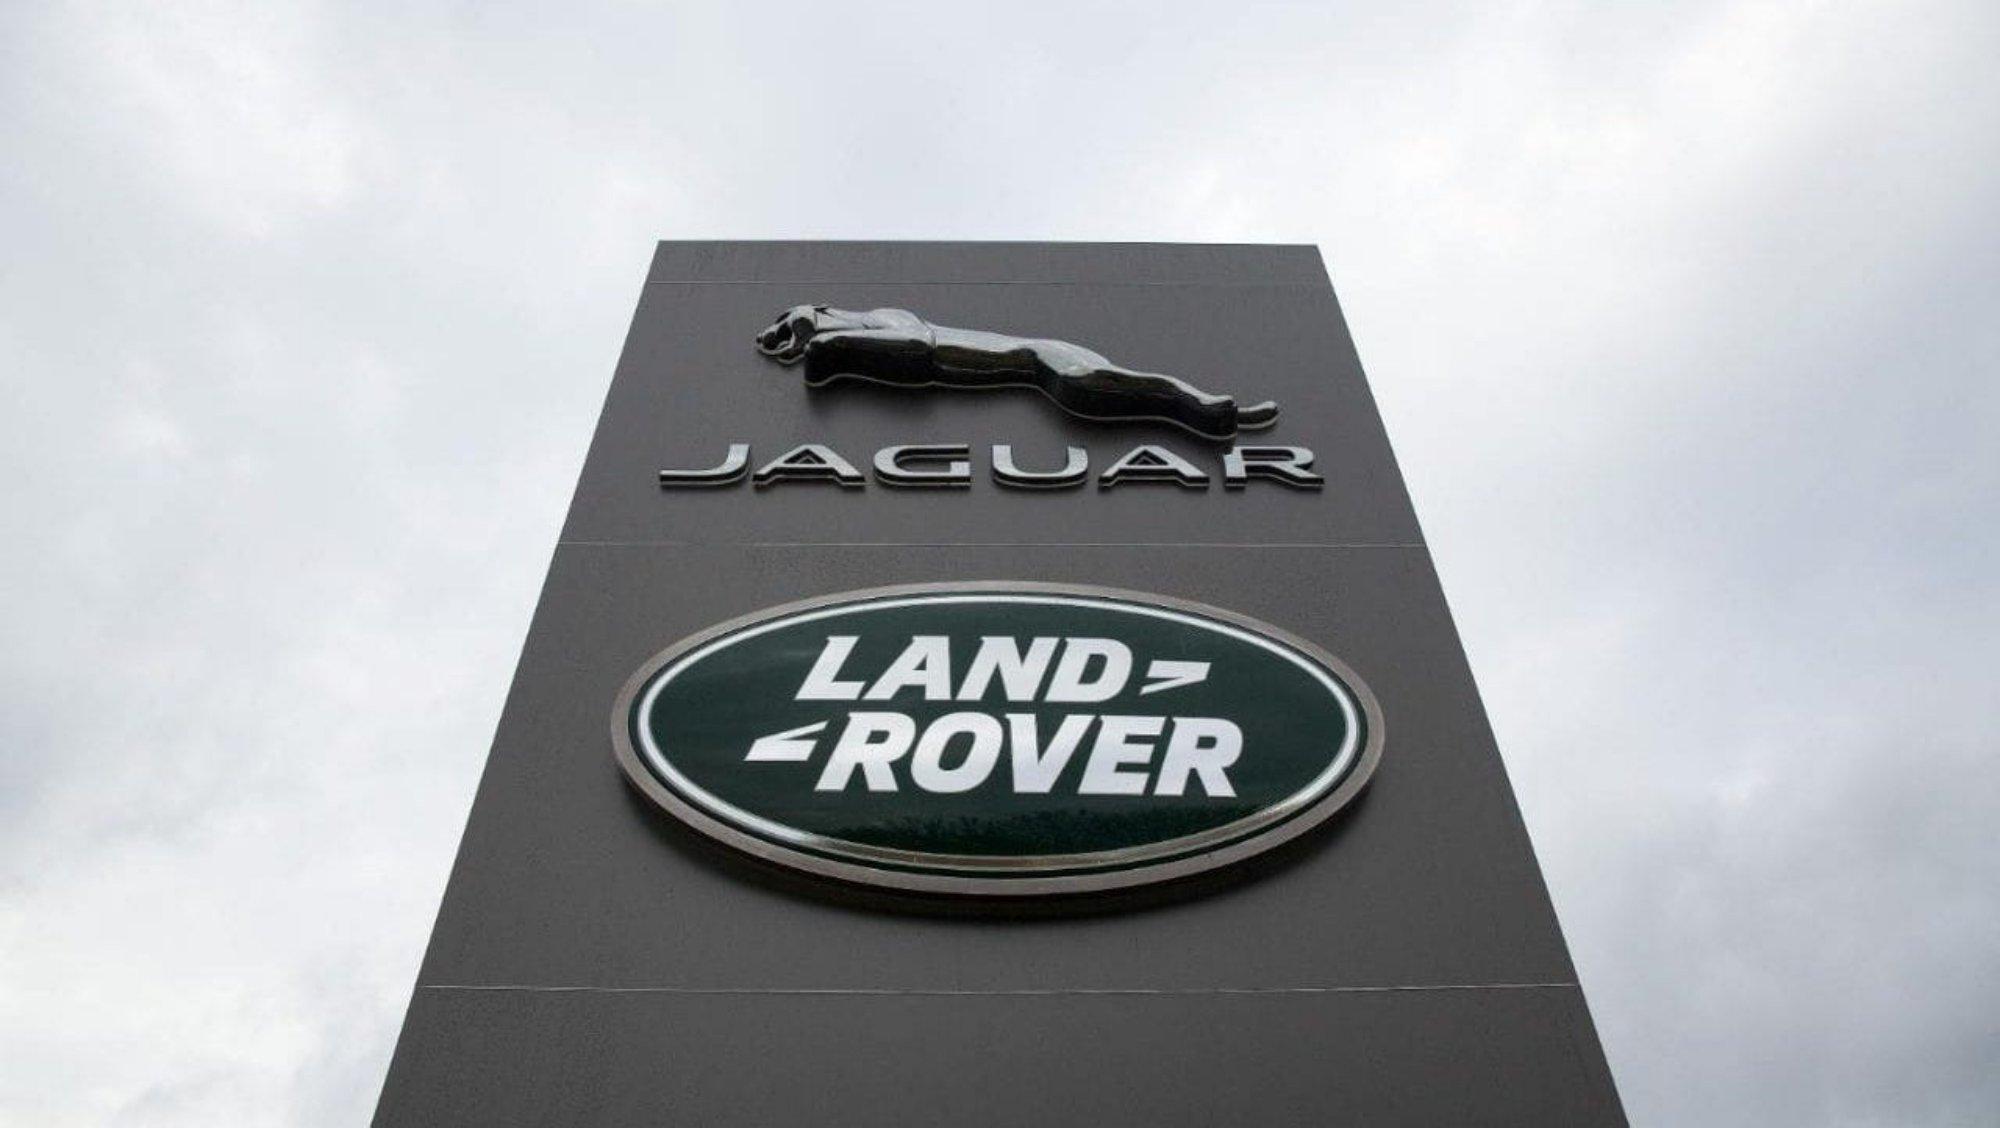 News 8mil Jaguar Land Rover Engines Stolen